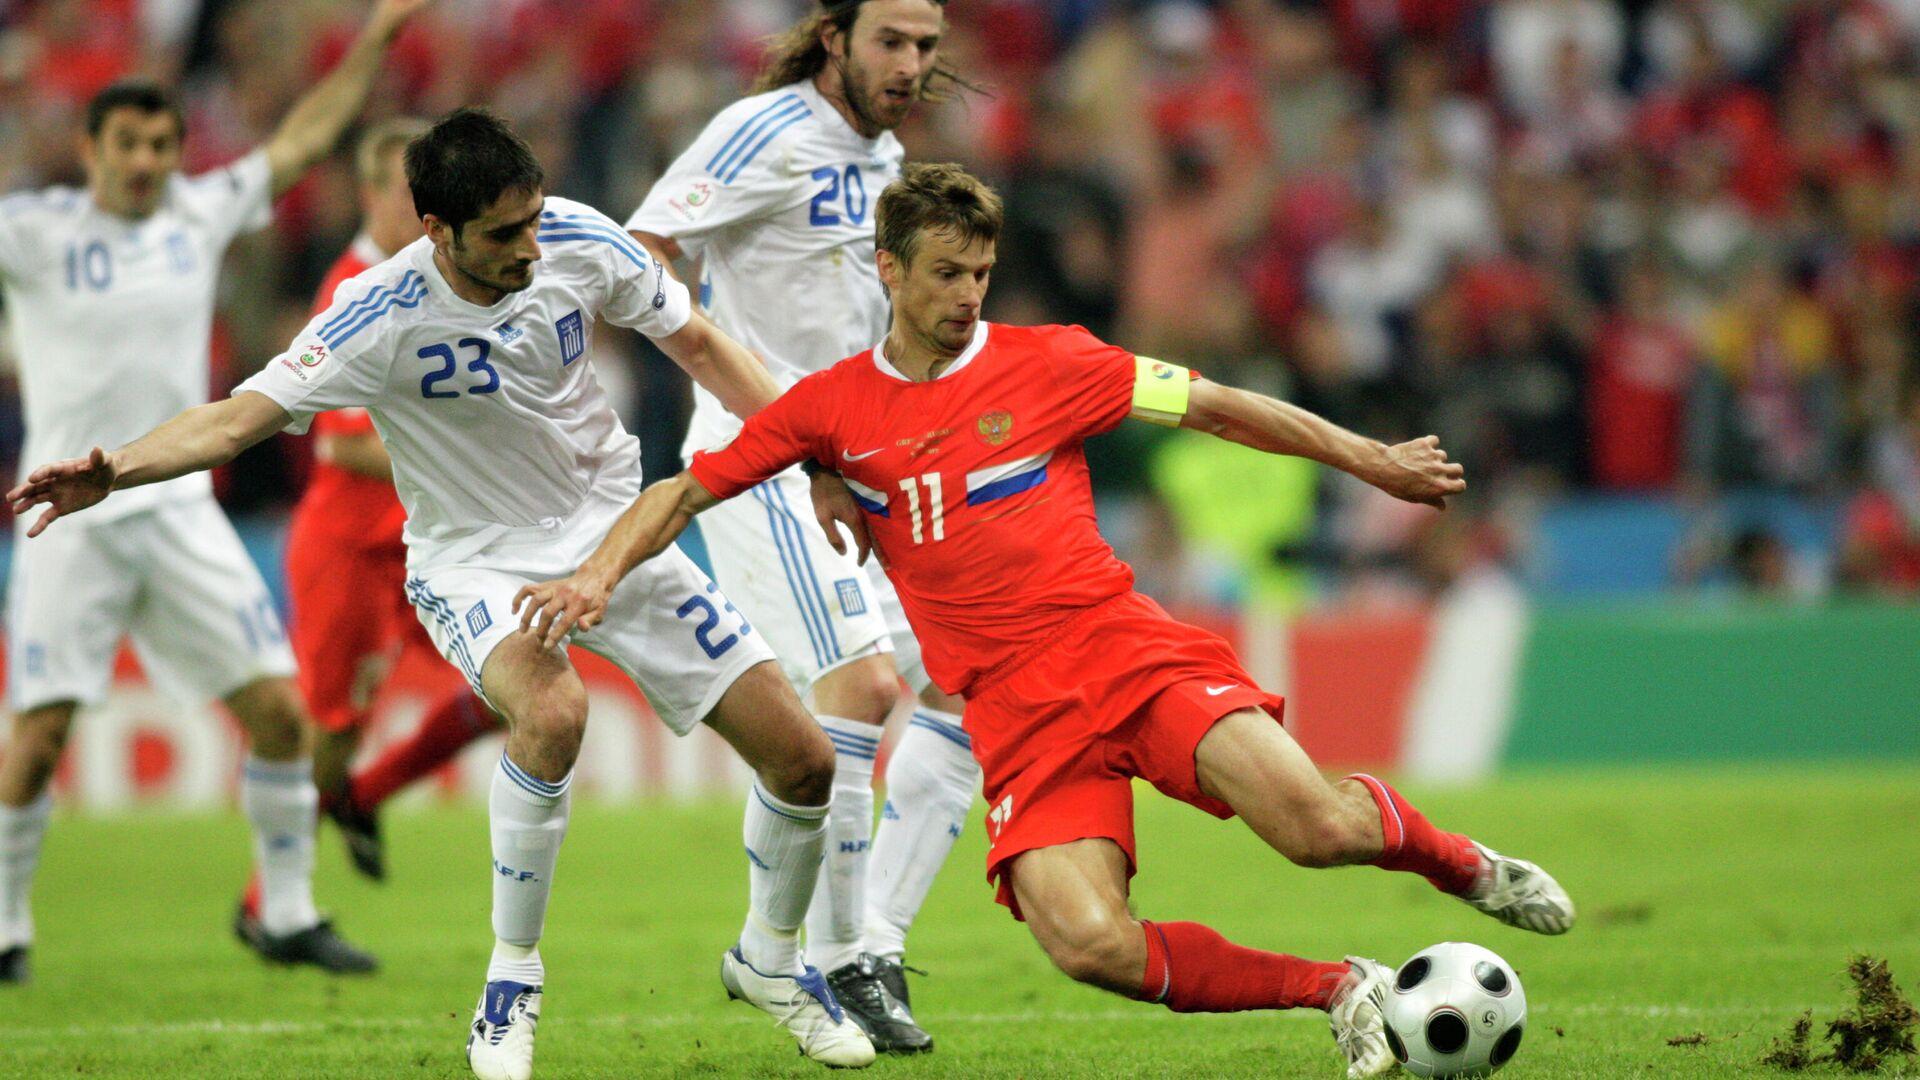 Игровой момент матча Россия - Греция на ЕВРО-2008 - РИА Новости, 1920, 20.08.2020